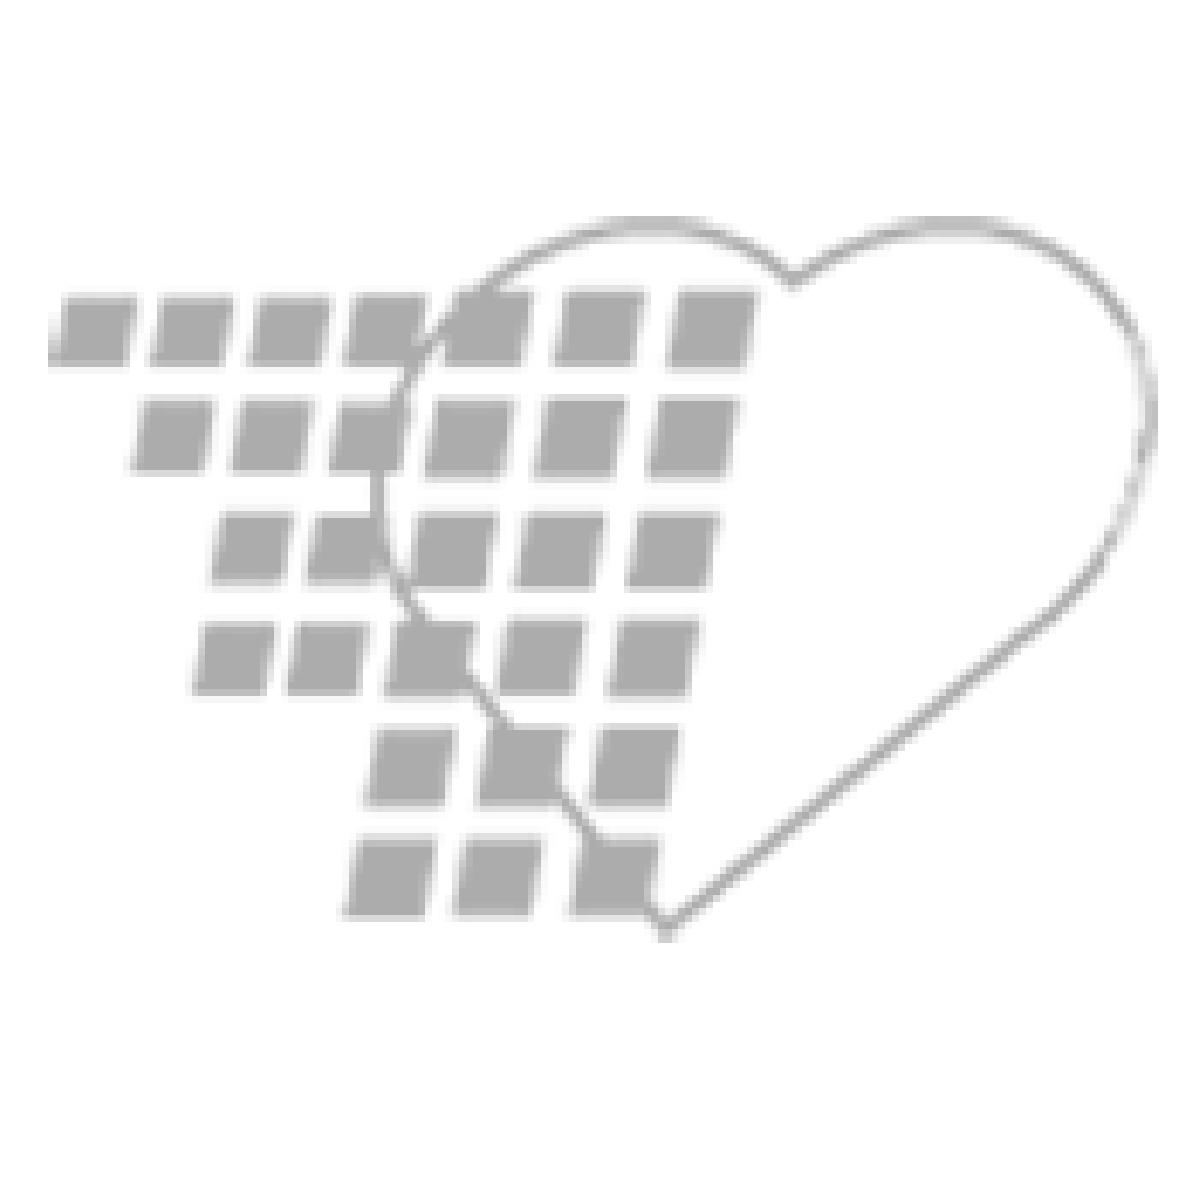 06-93-3820 Demo Dose® Insulin Pen 3G